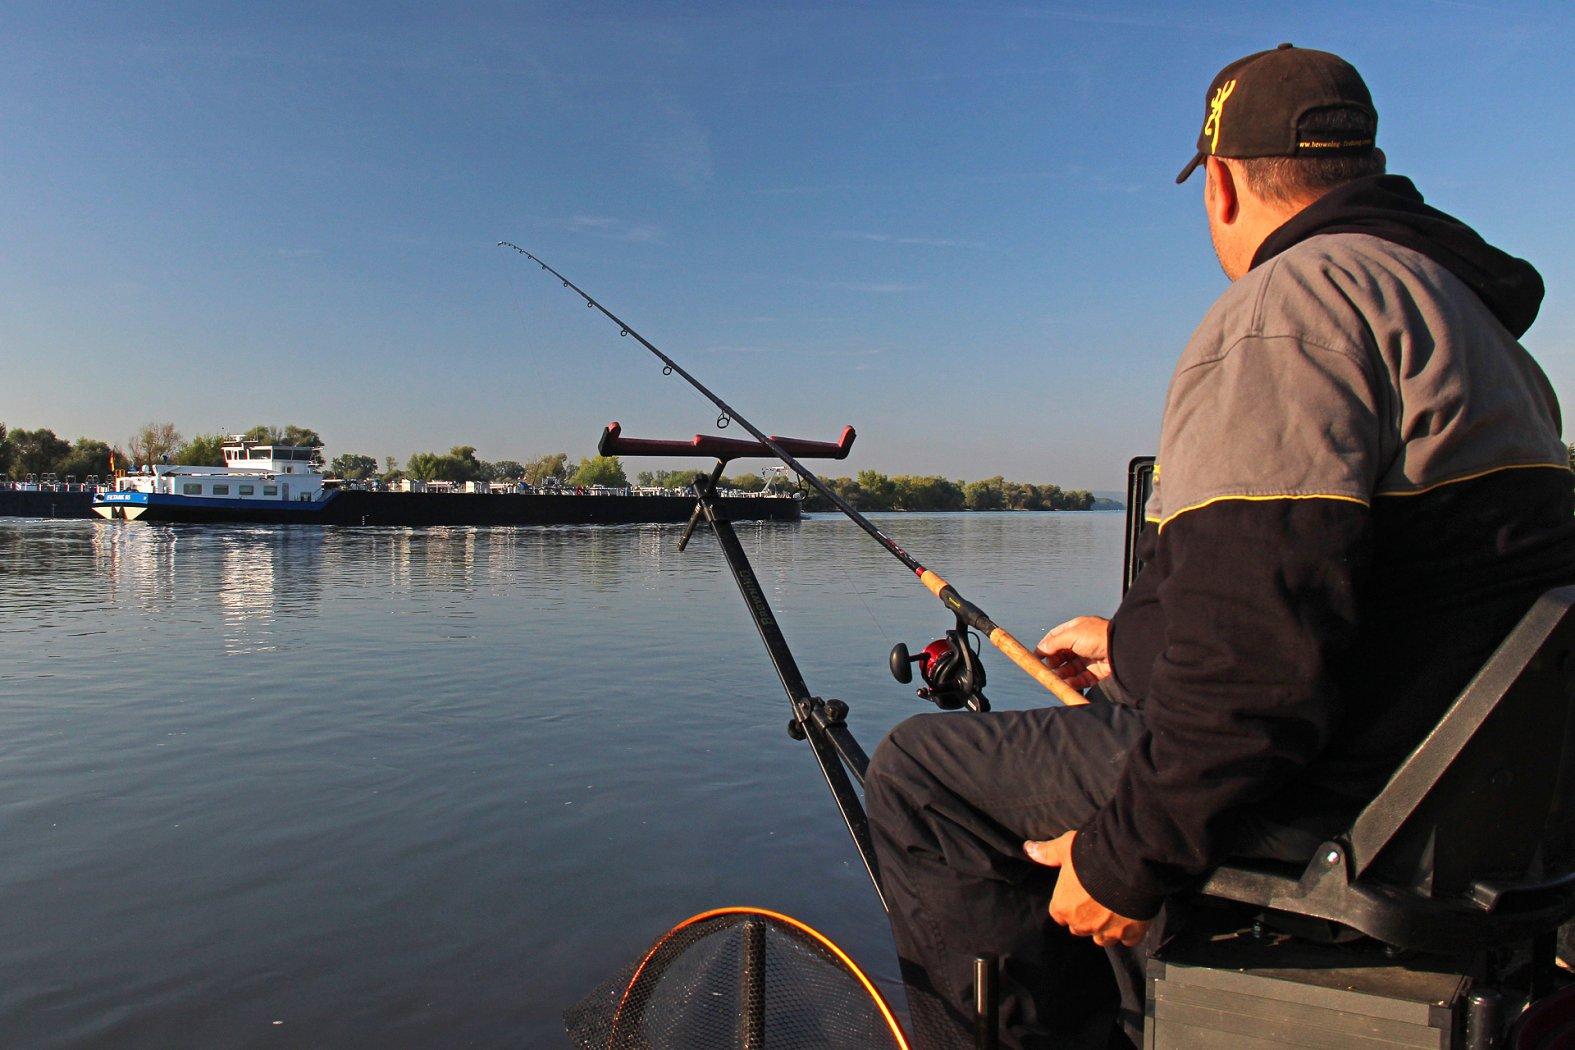 Barben angeln im Fluss